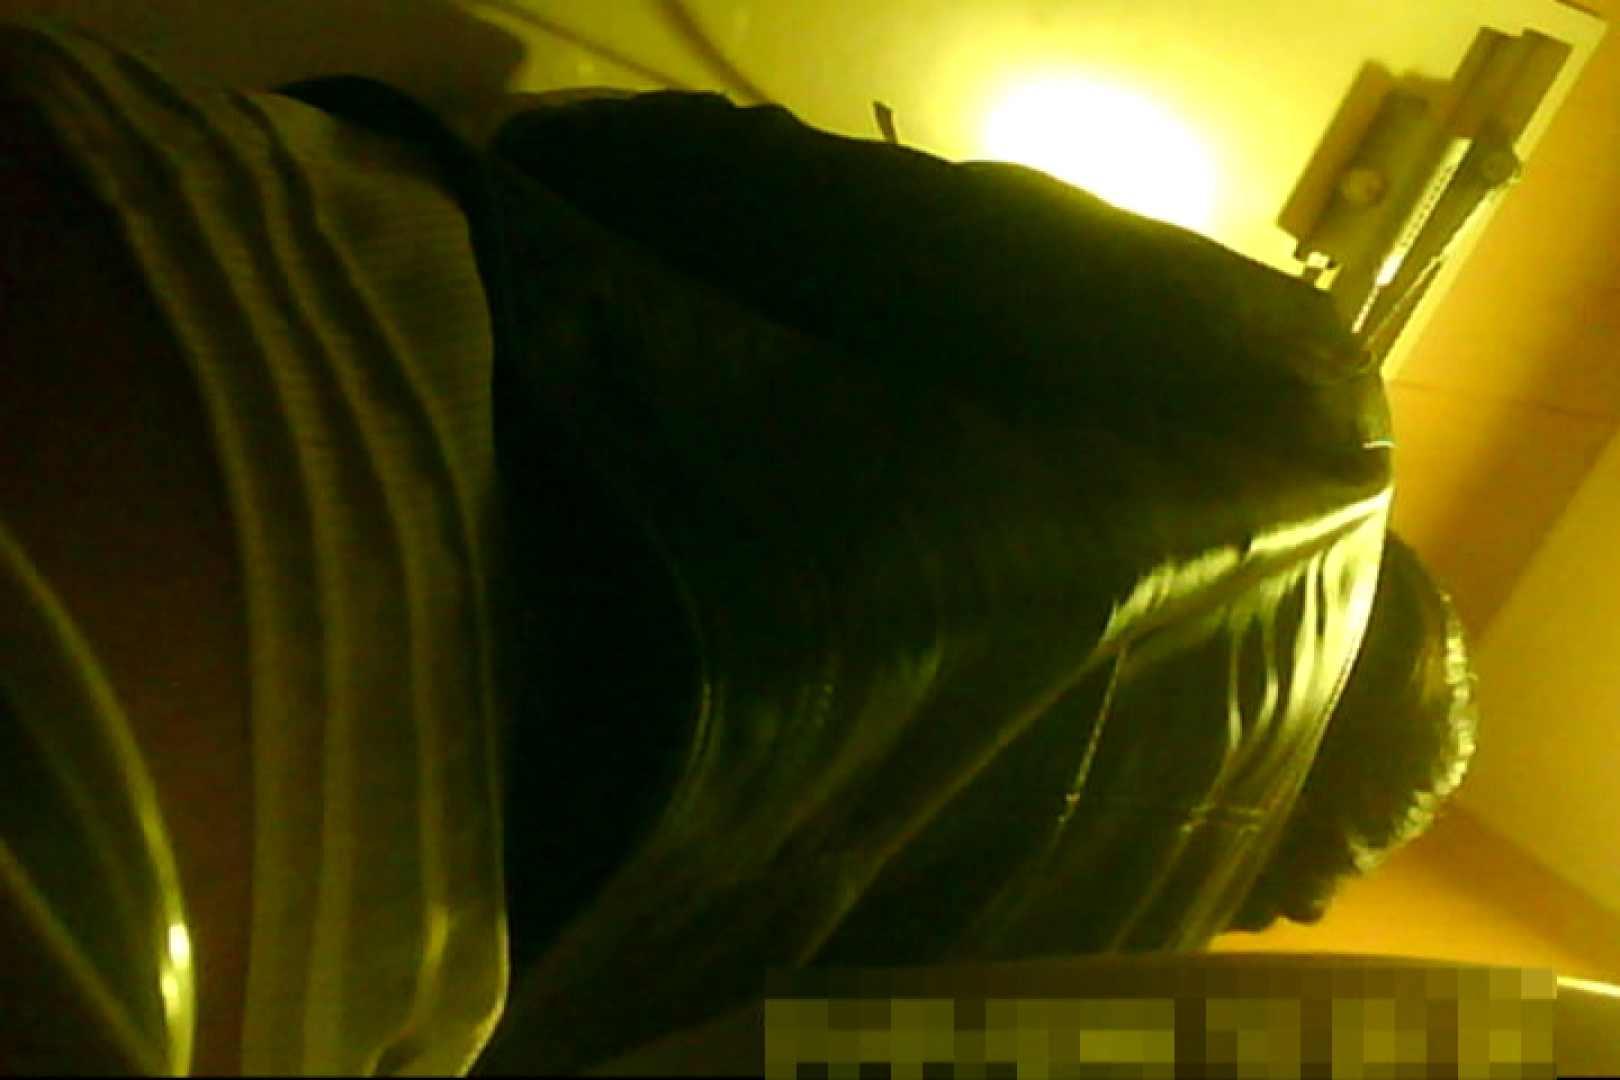 無修正エロ動画|魅惑の化粧室~禁断のプライベート空間~26|大奥